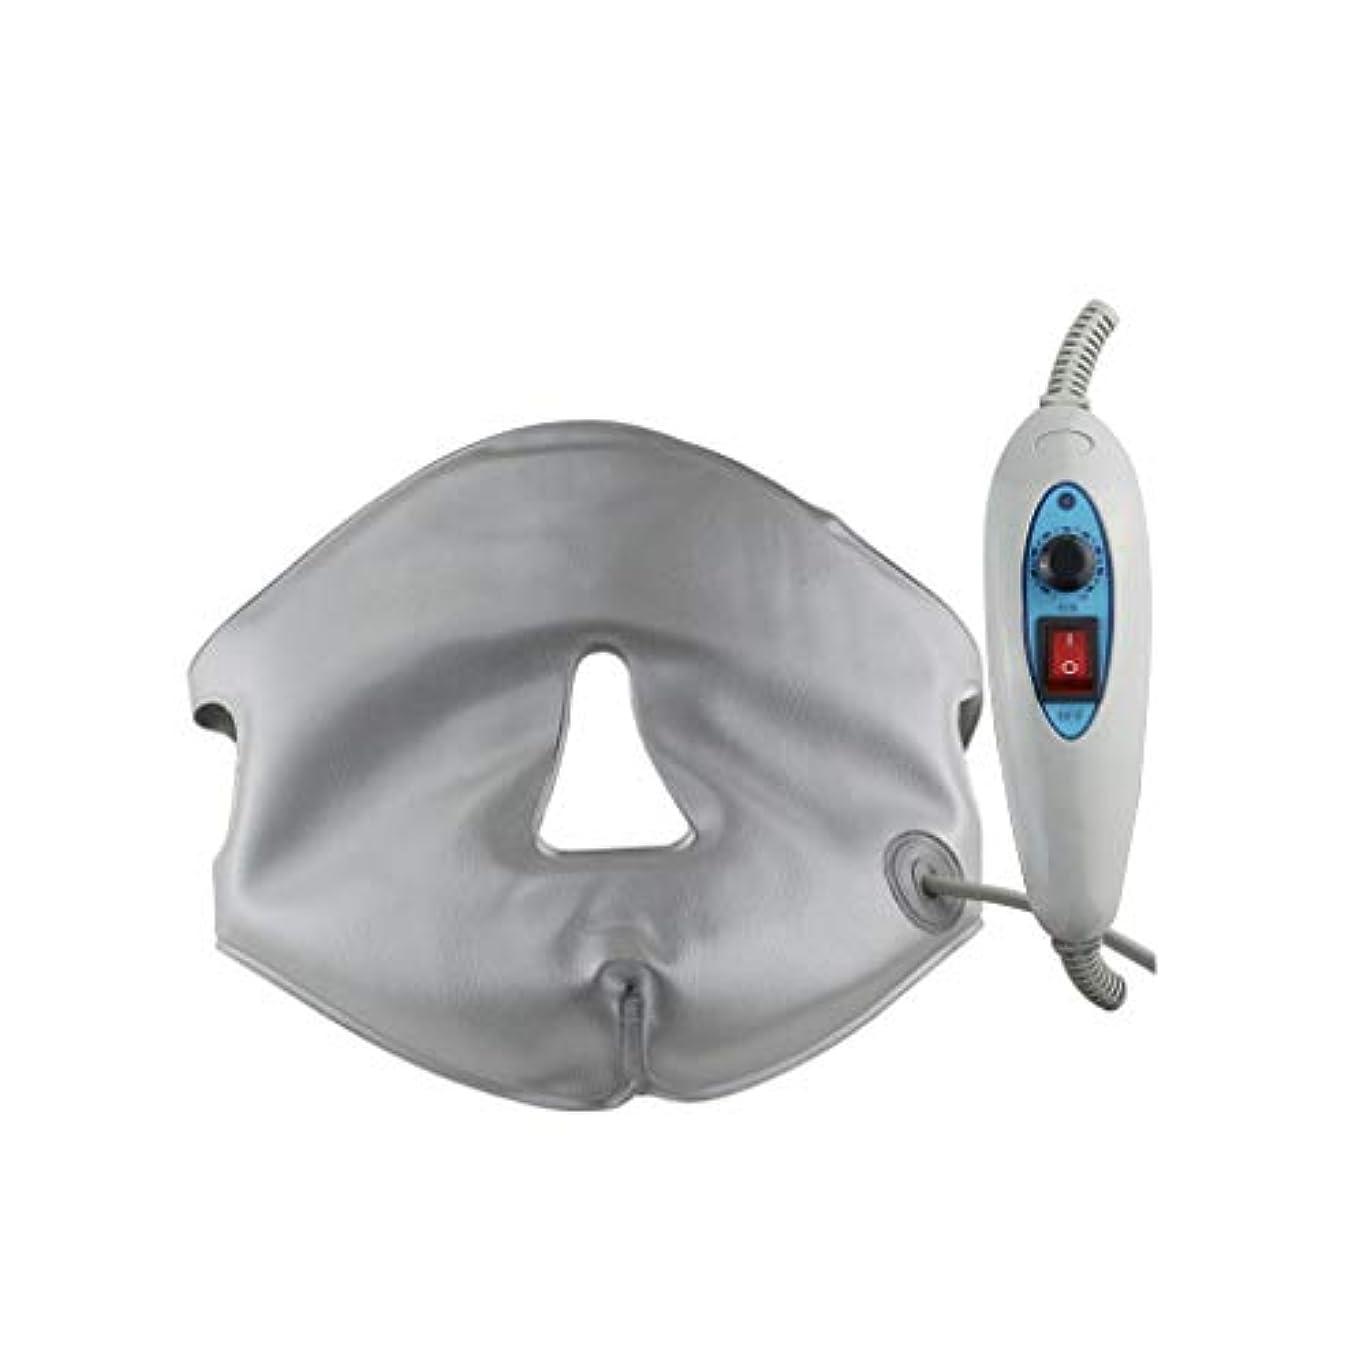 潮ミュウミュウ触手LJK フェイスリフティングマスク、フェイシャルスリミング、遠赤外線ホワイトニングと若返りホットコンプレス、フェイシャルマッサージ、ハイドレーティングVフェイスマスク、美容機器